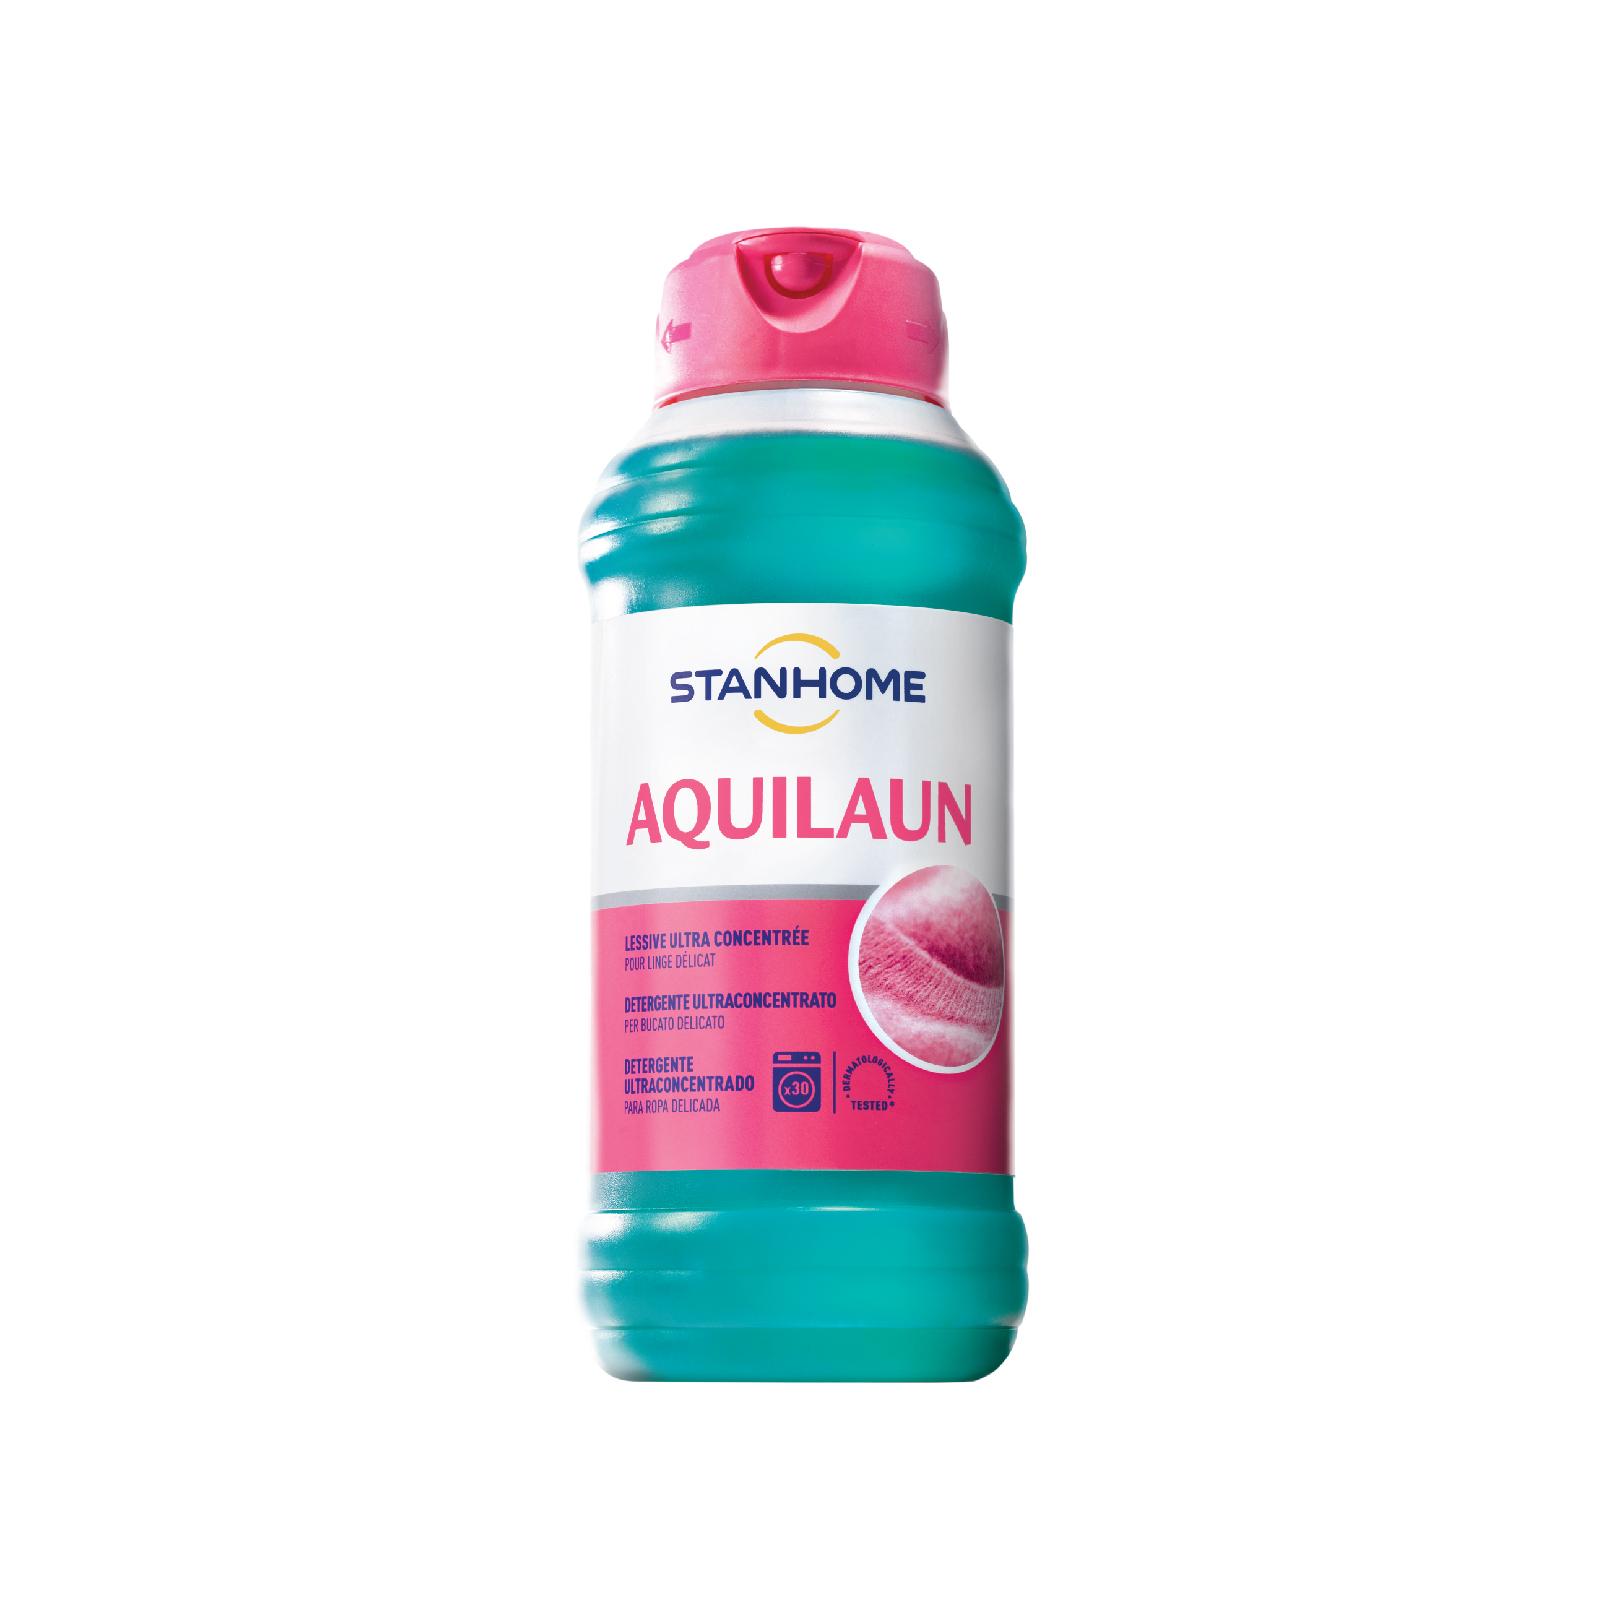 Nước giặt đậm đặc cho đồ len, lụa trắng và sáng màu hương gỗ Stanhome Aquilaun 750ml